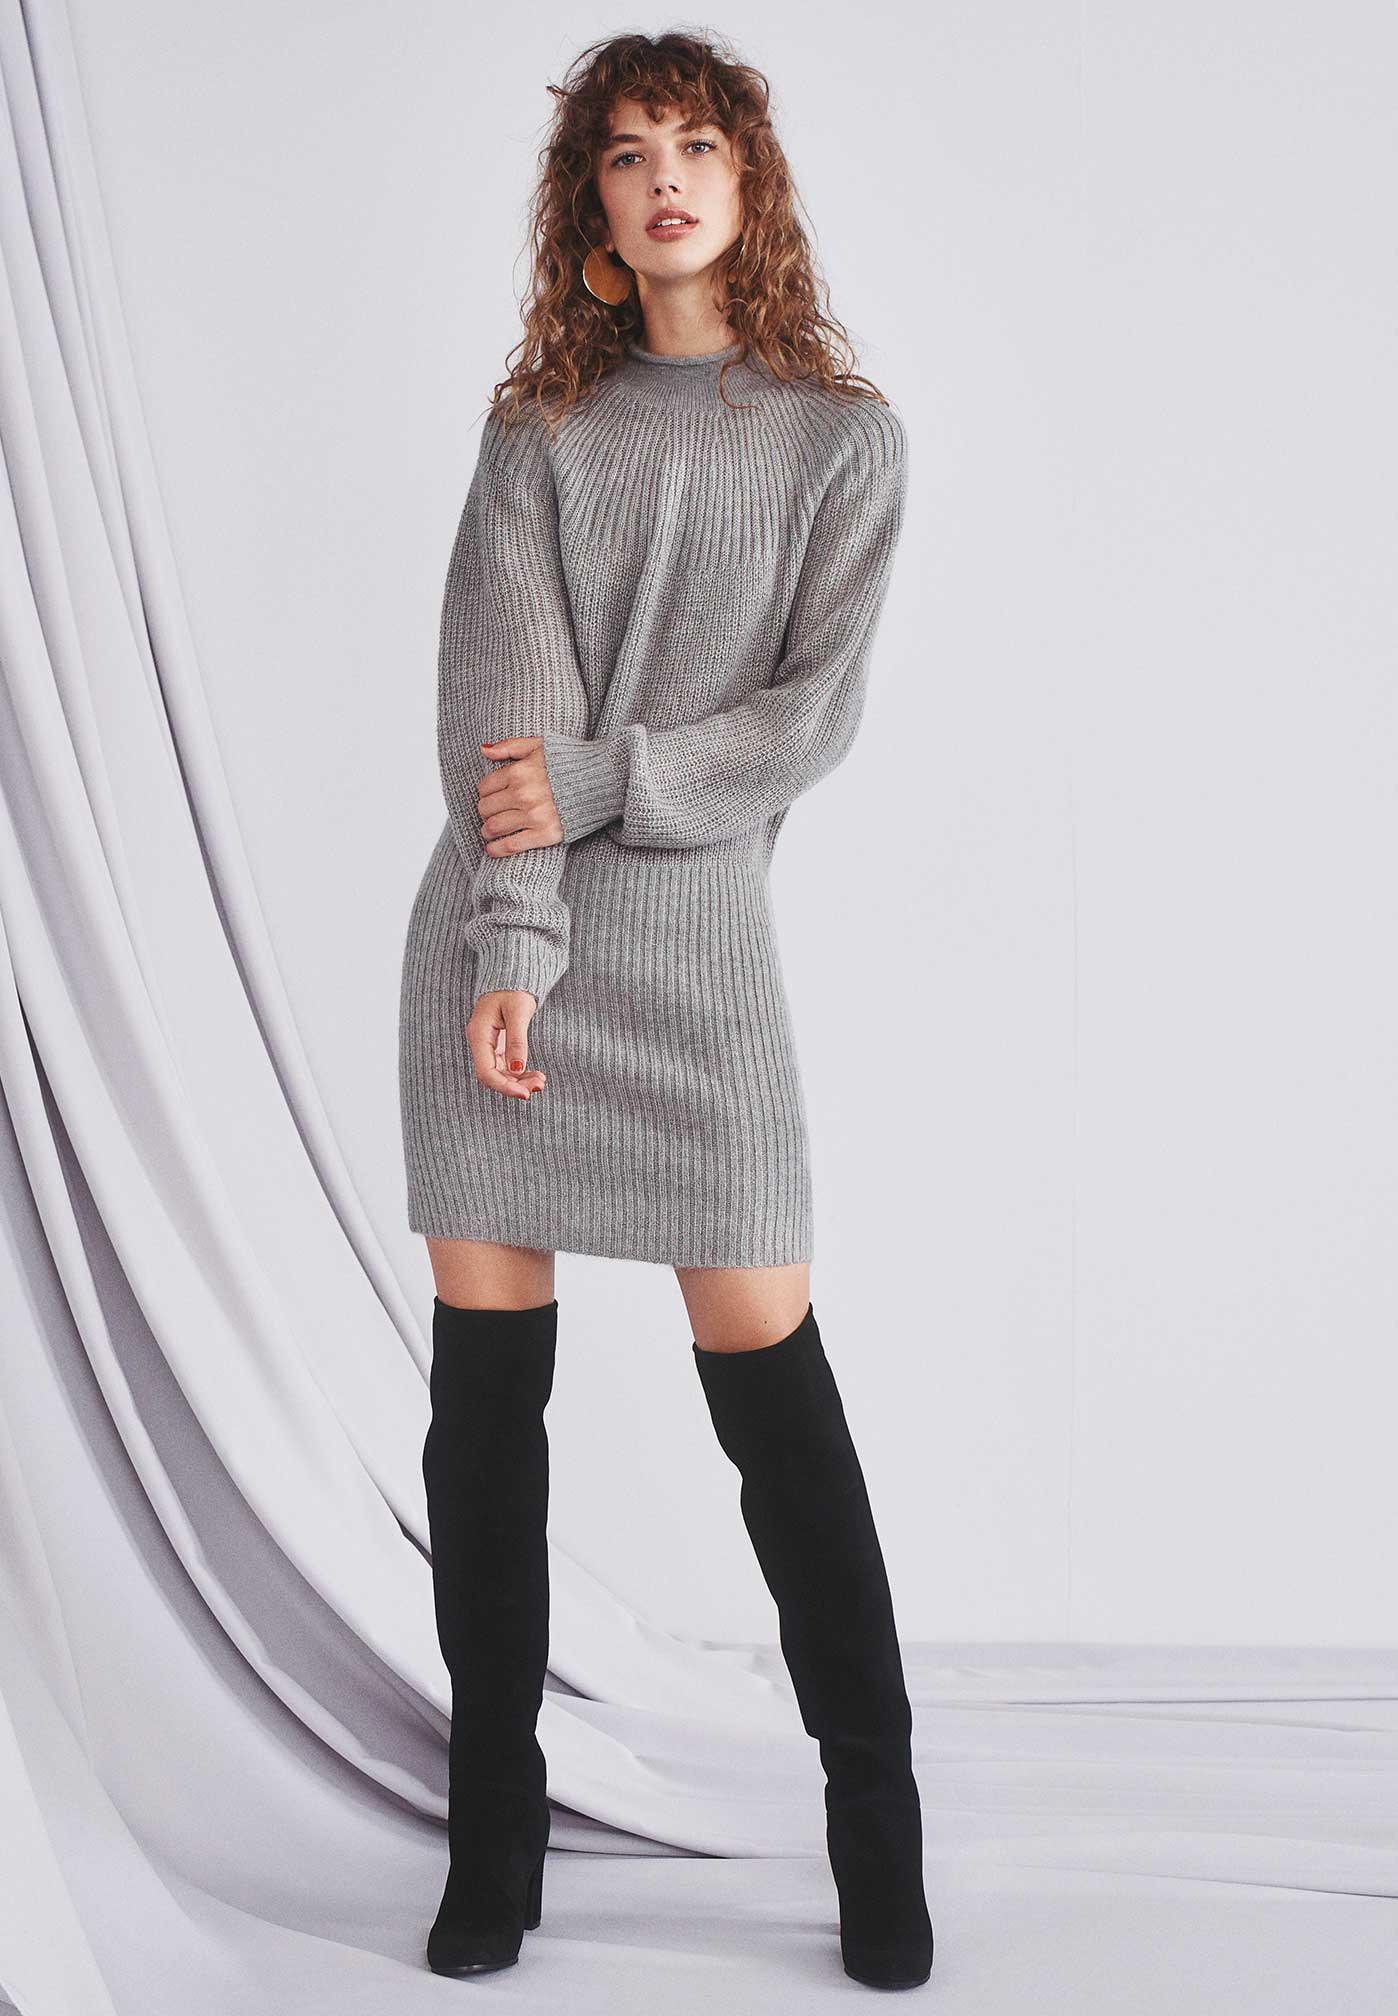 Erstaunlich Winter Kleider VertriebDesigner Großartig Winter Kleider Bester Preis